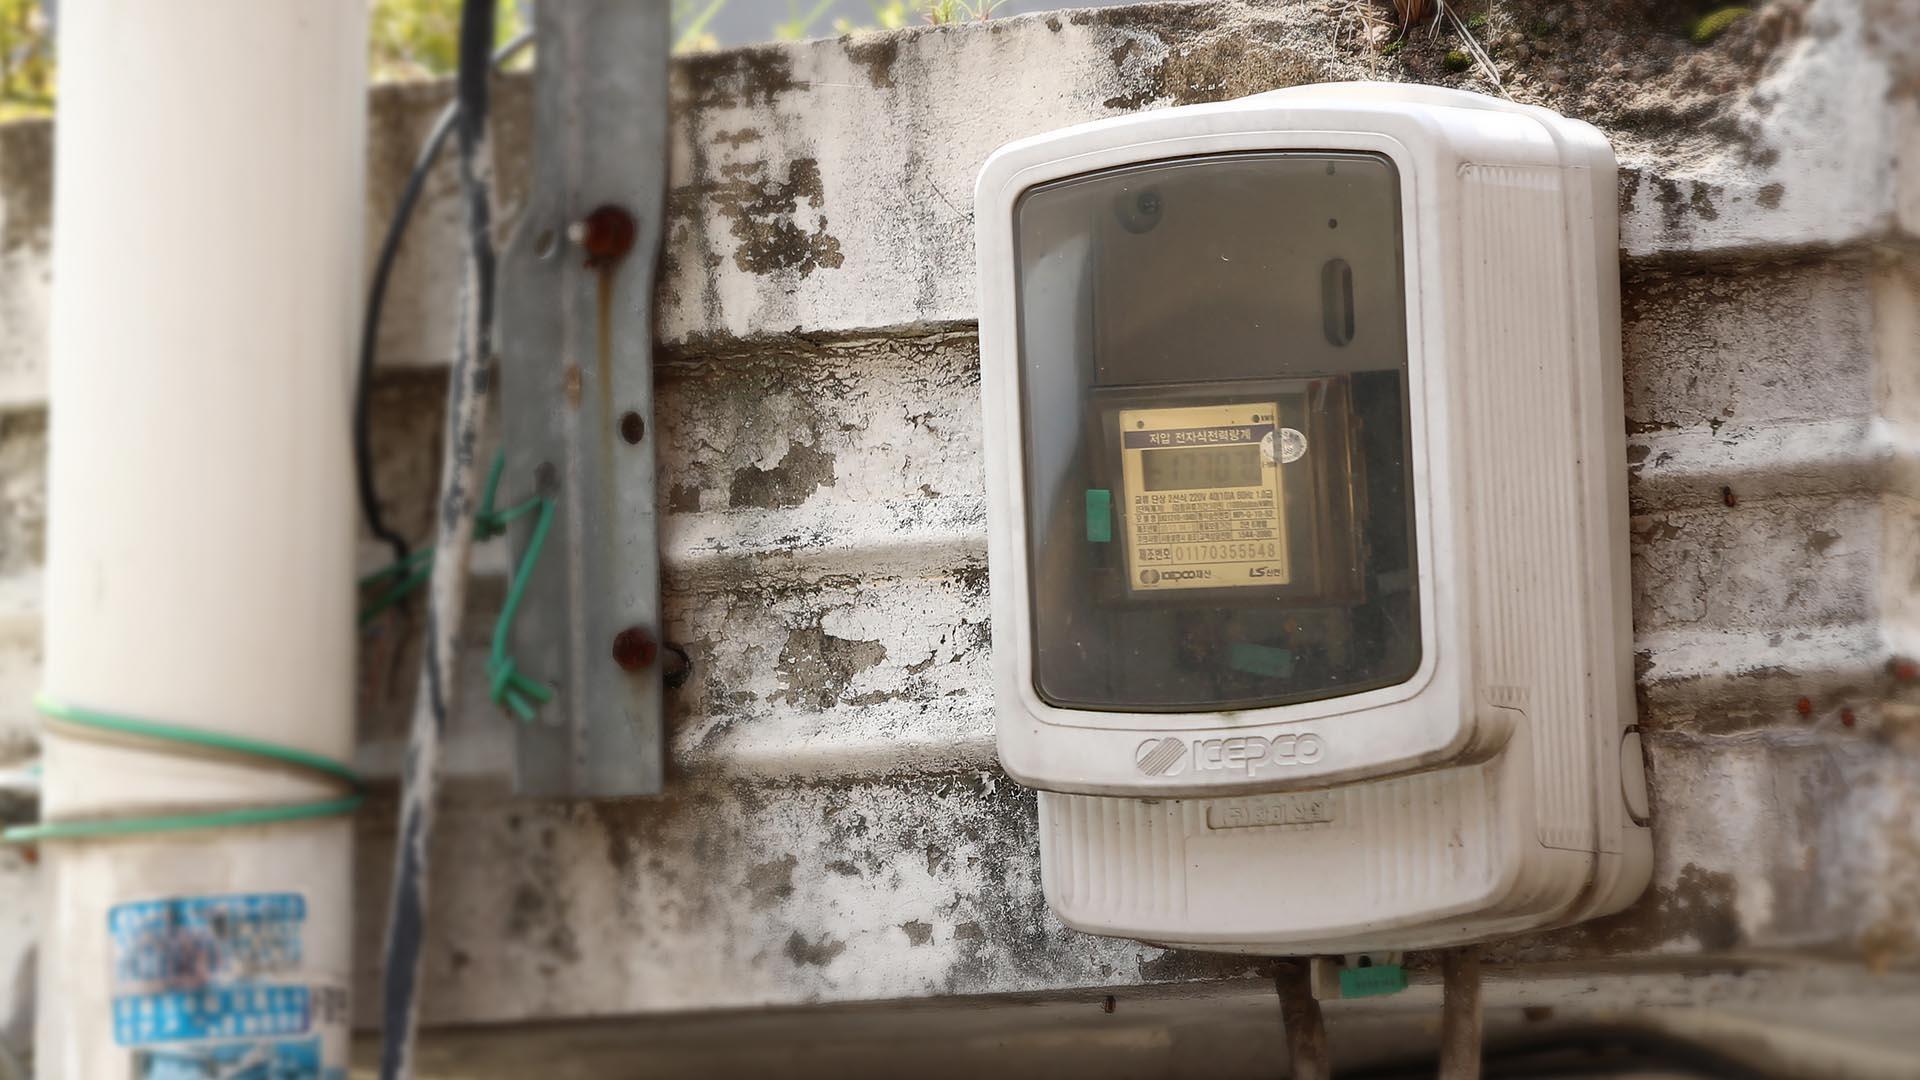 4분기 전기요금 8년만에 인상…4인가구 1,050원↑